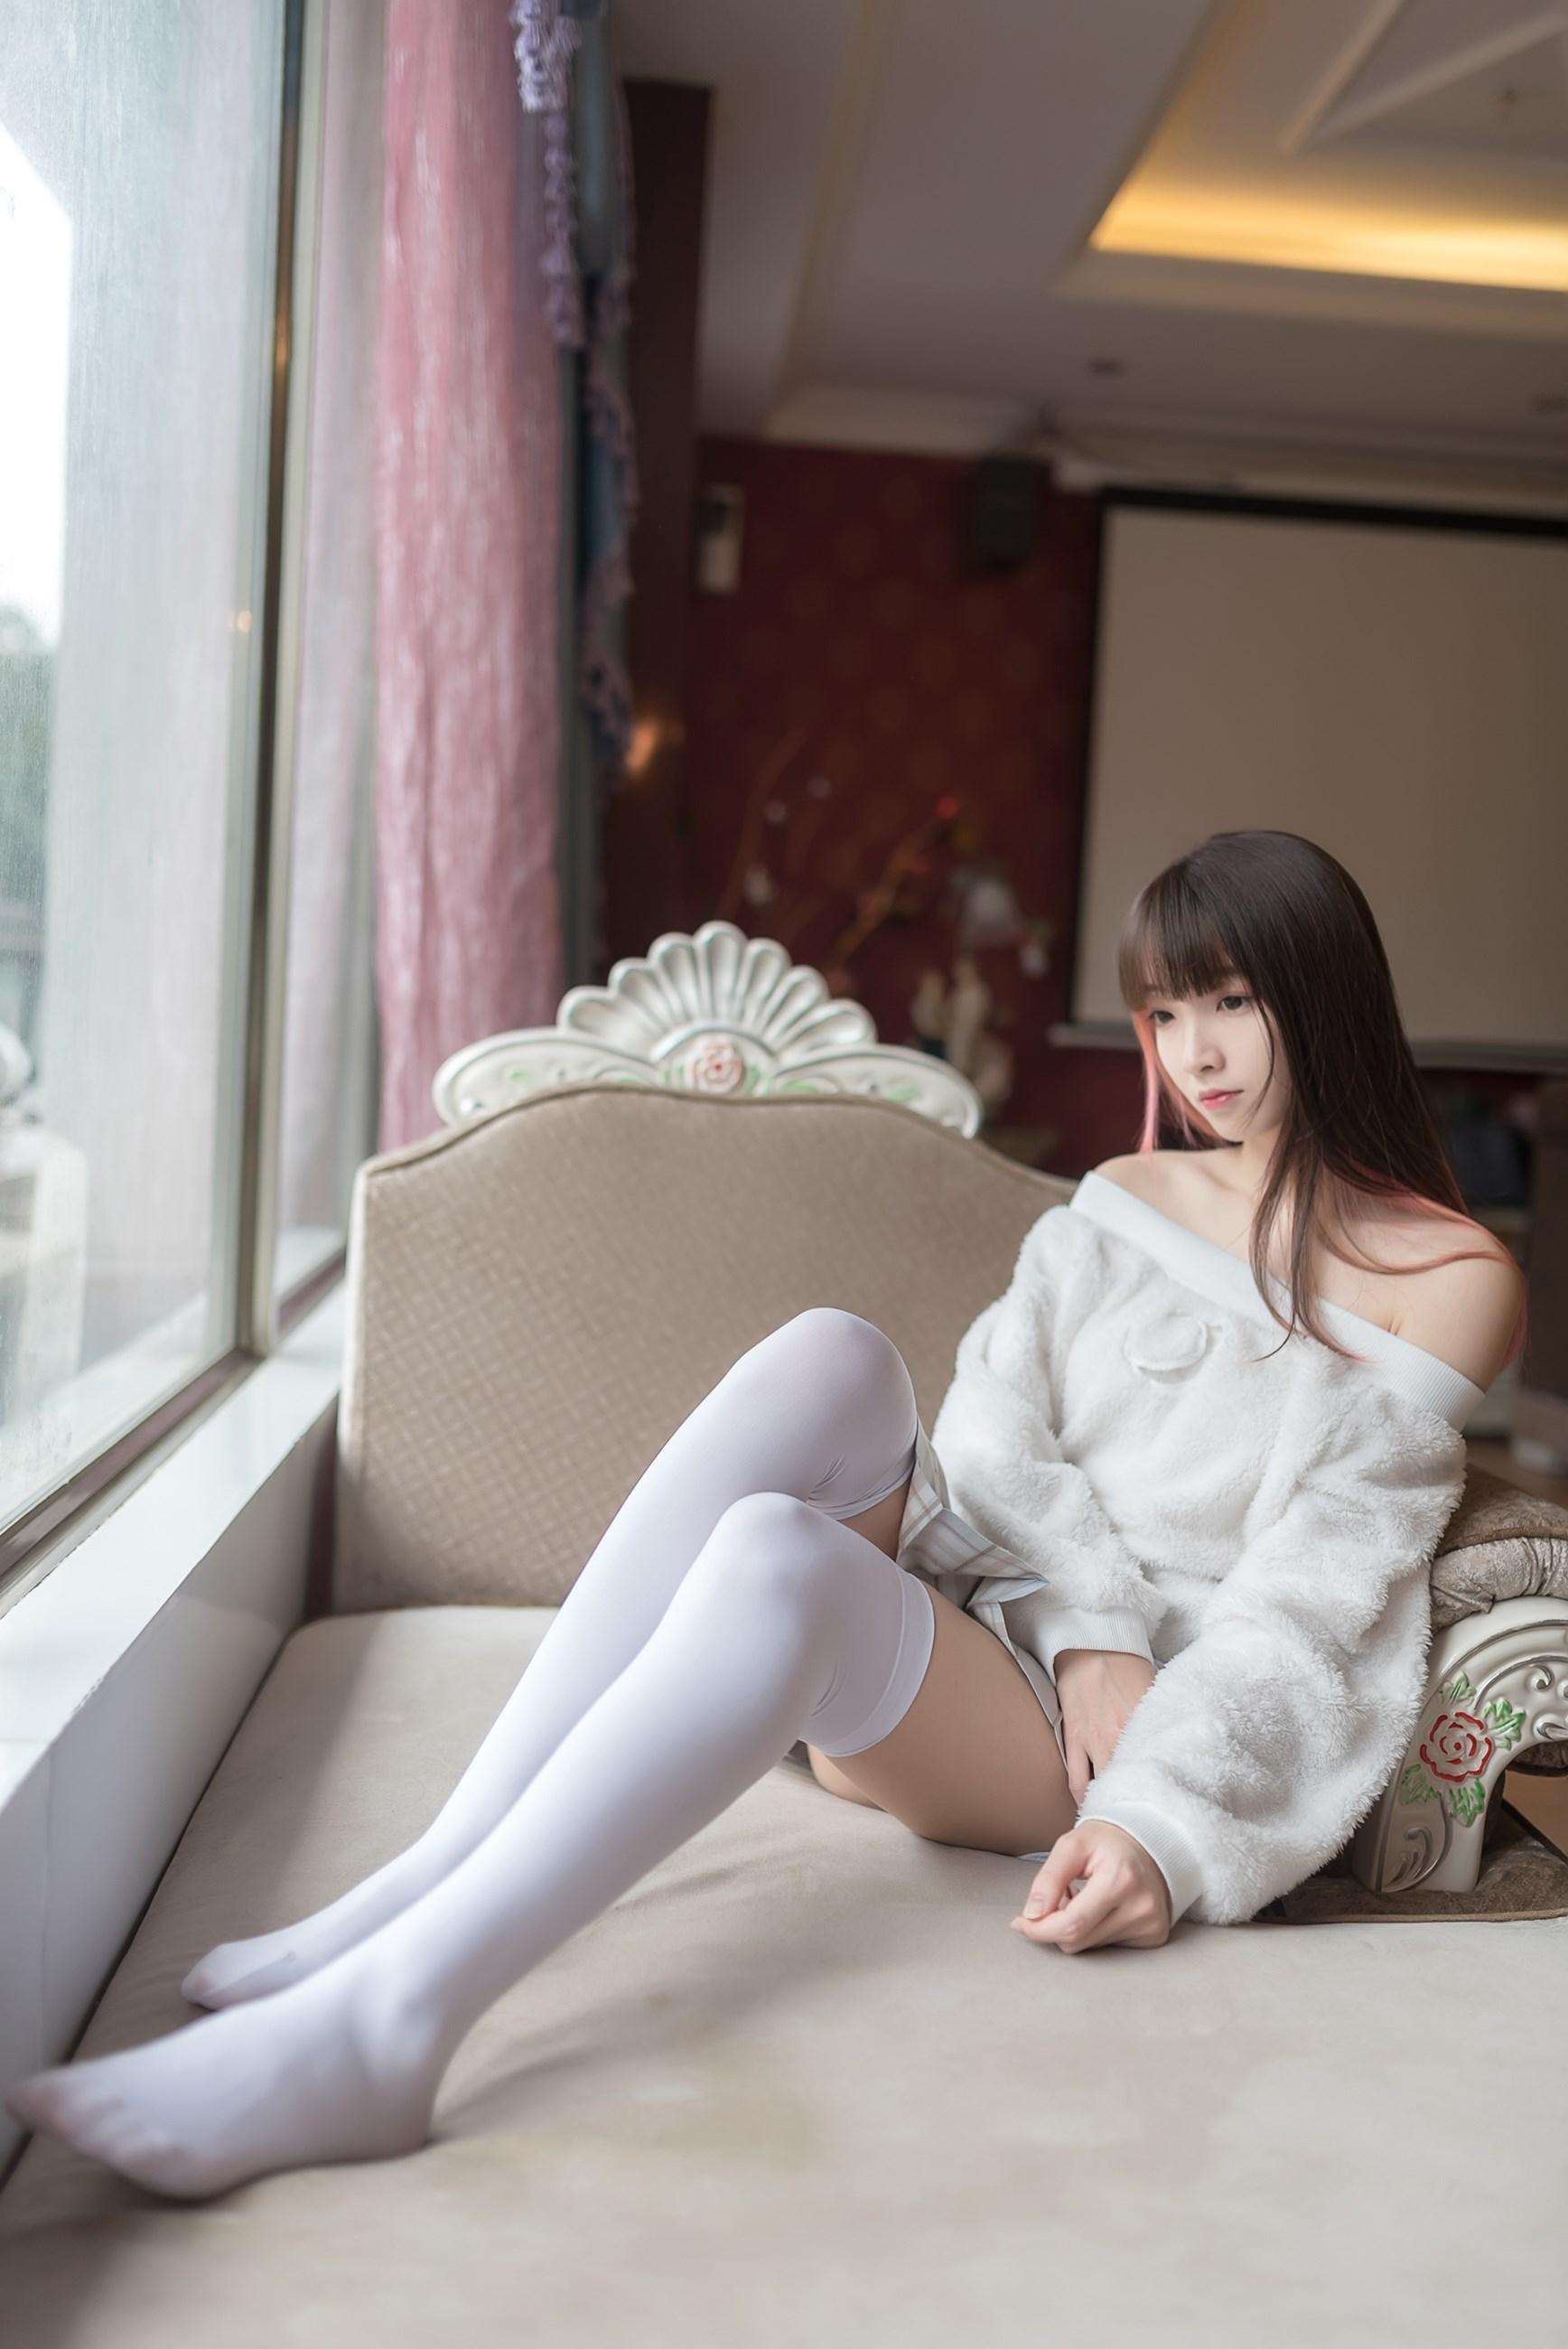 【兔玩映画】露肩少女 兔玩映画 第37张